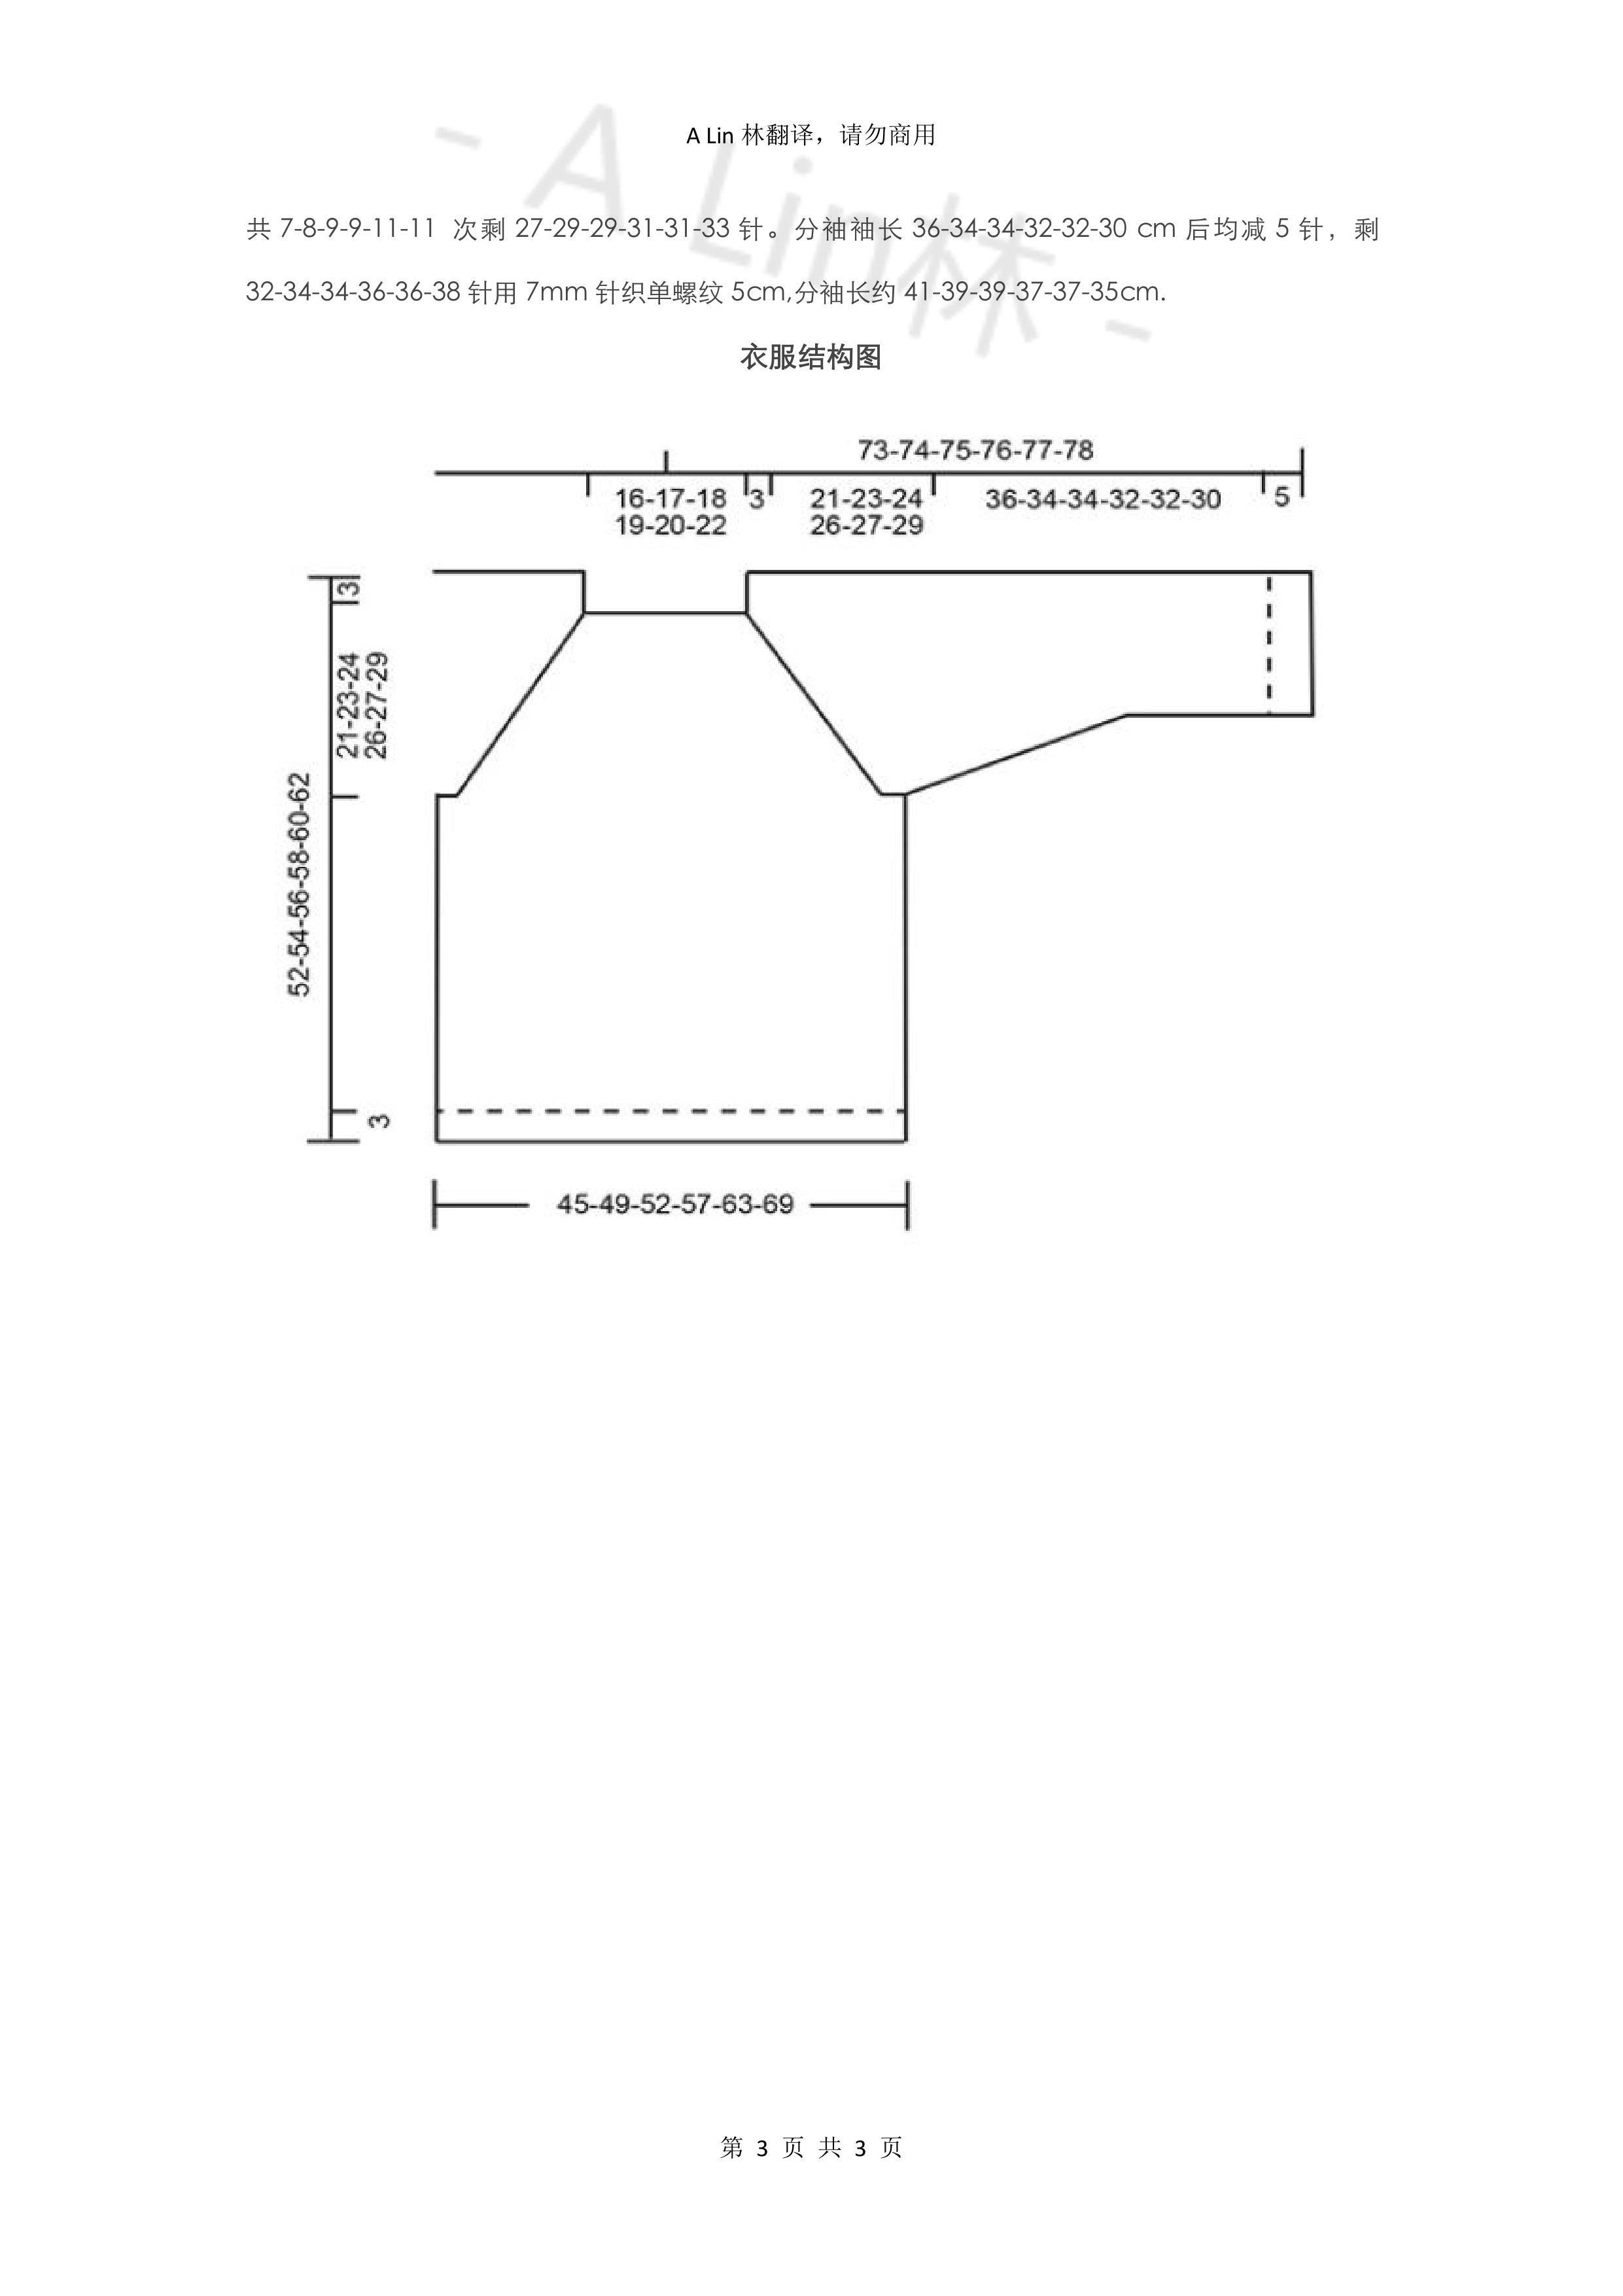 【A Lin林翻译】柠檬-粗针羊驼羊毛镂空套头衫 (3).jpg